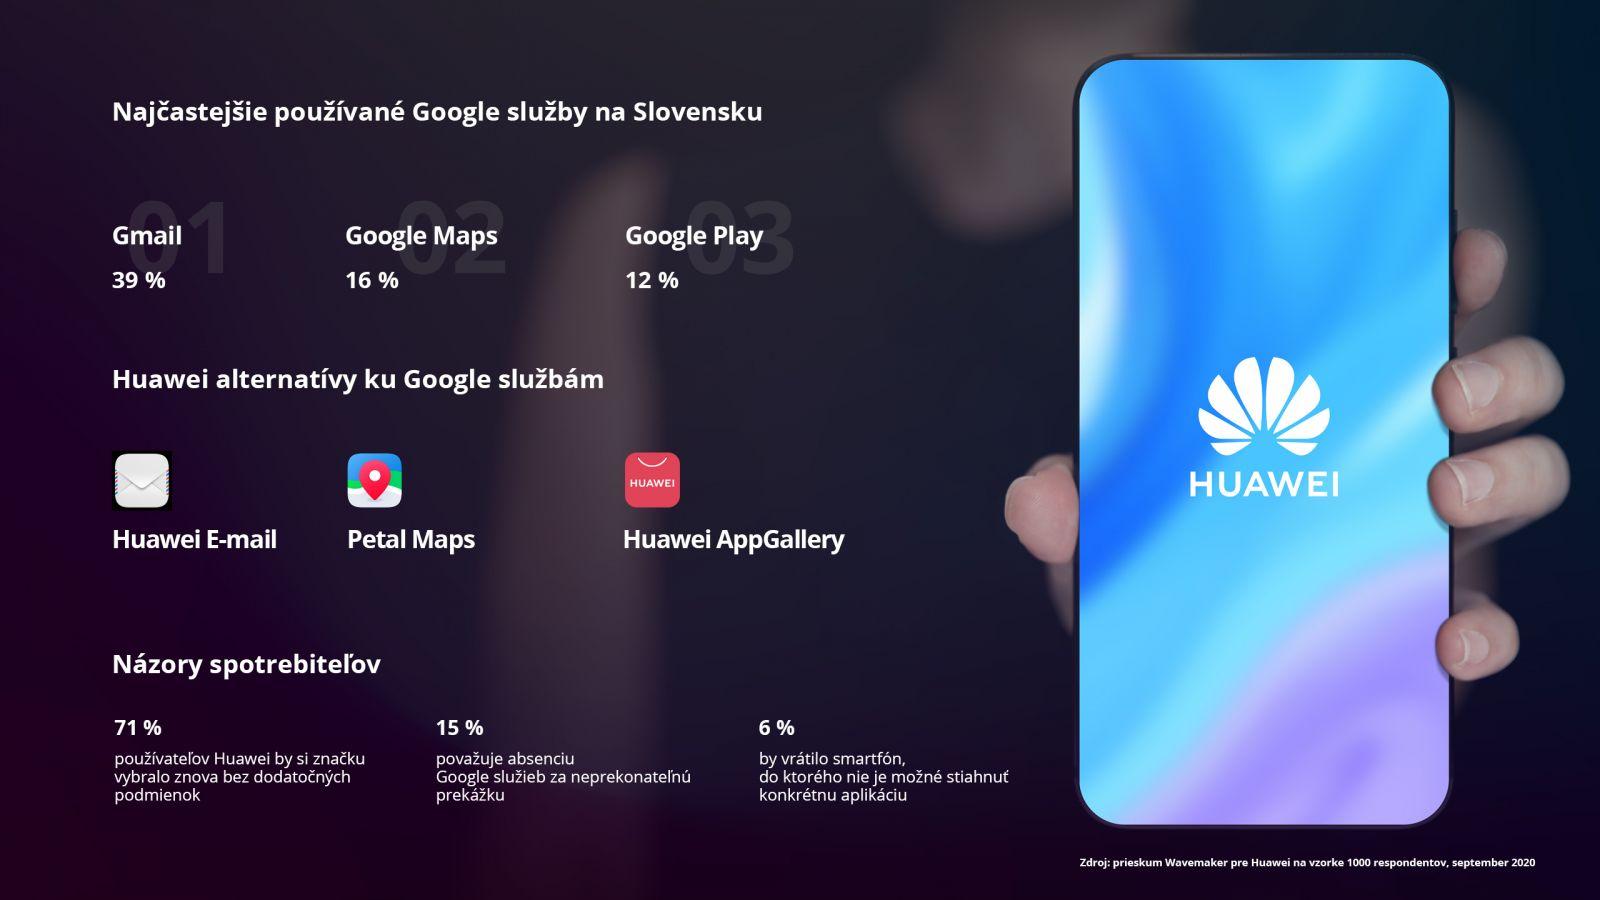 Slováci a Google služby: Výsledky prieskumu prekvapili